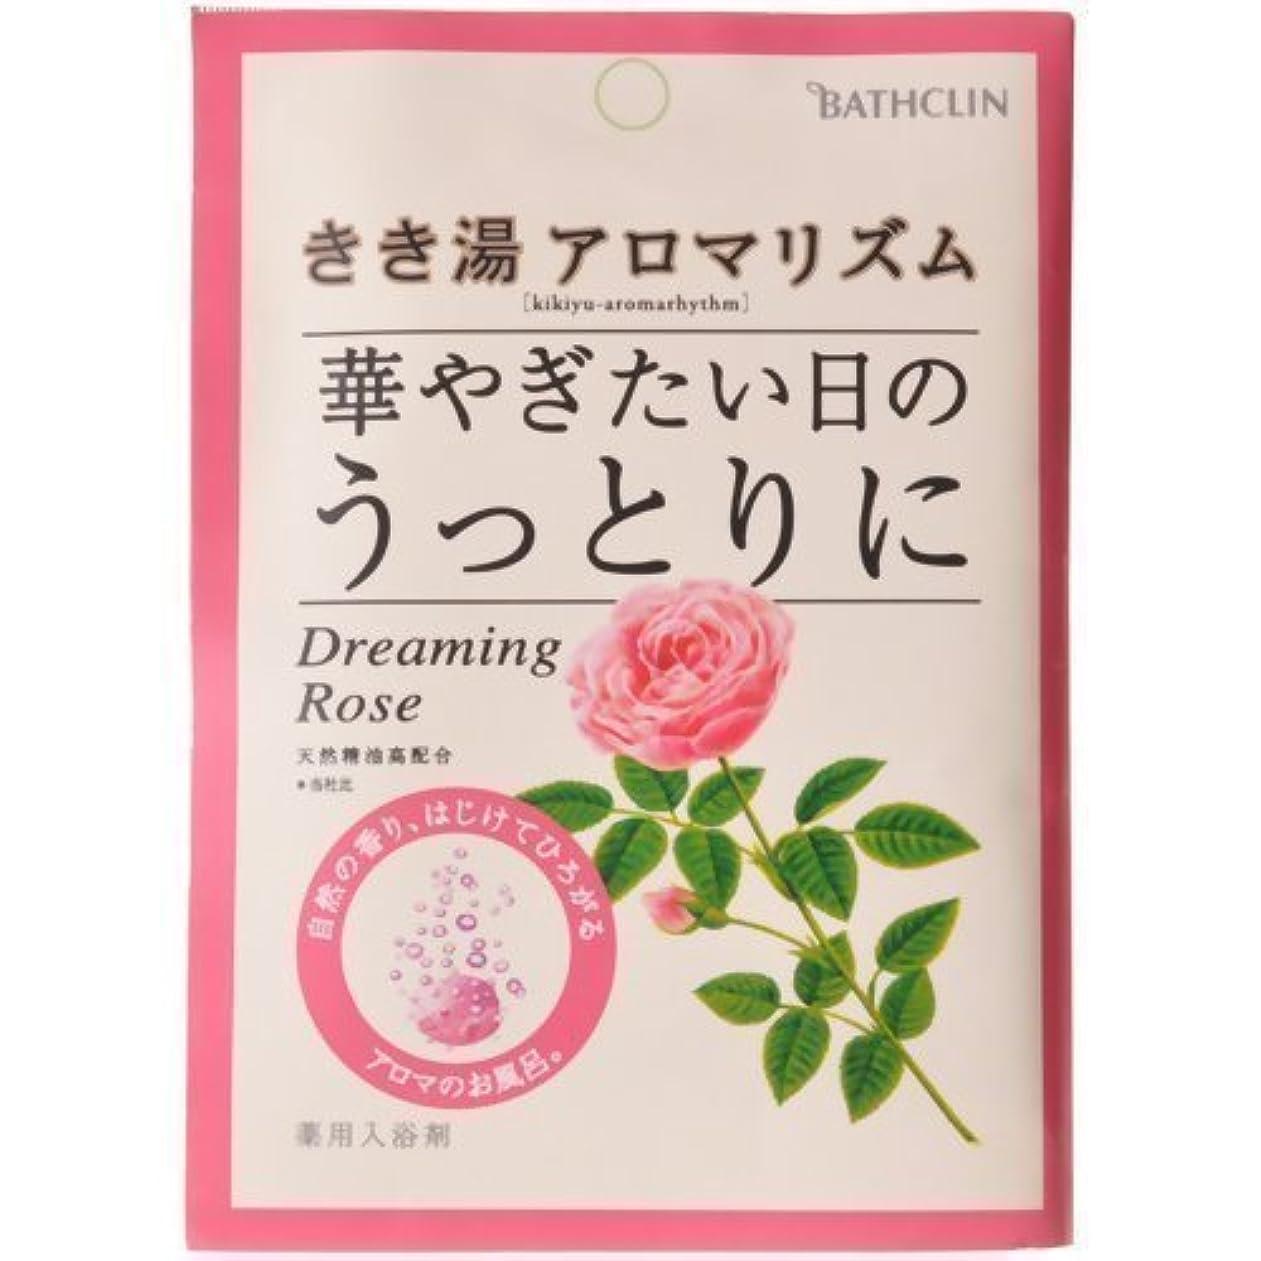 補足請求書報酬【まとめ買い】きき湯 アロマリズム ドリーミングローズの香り 30g ×6個